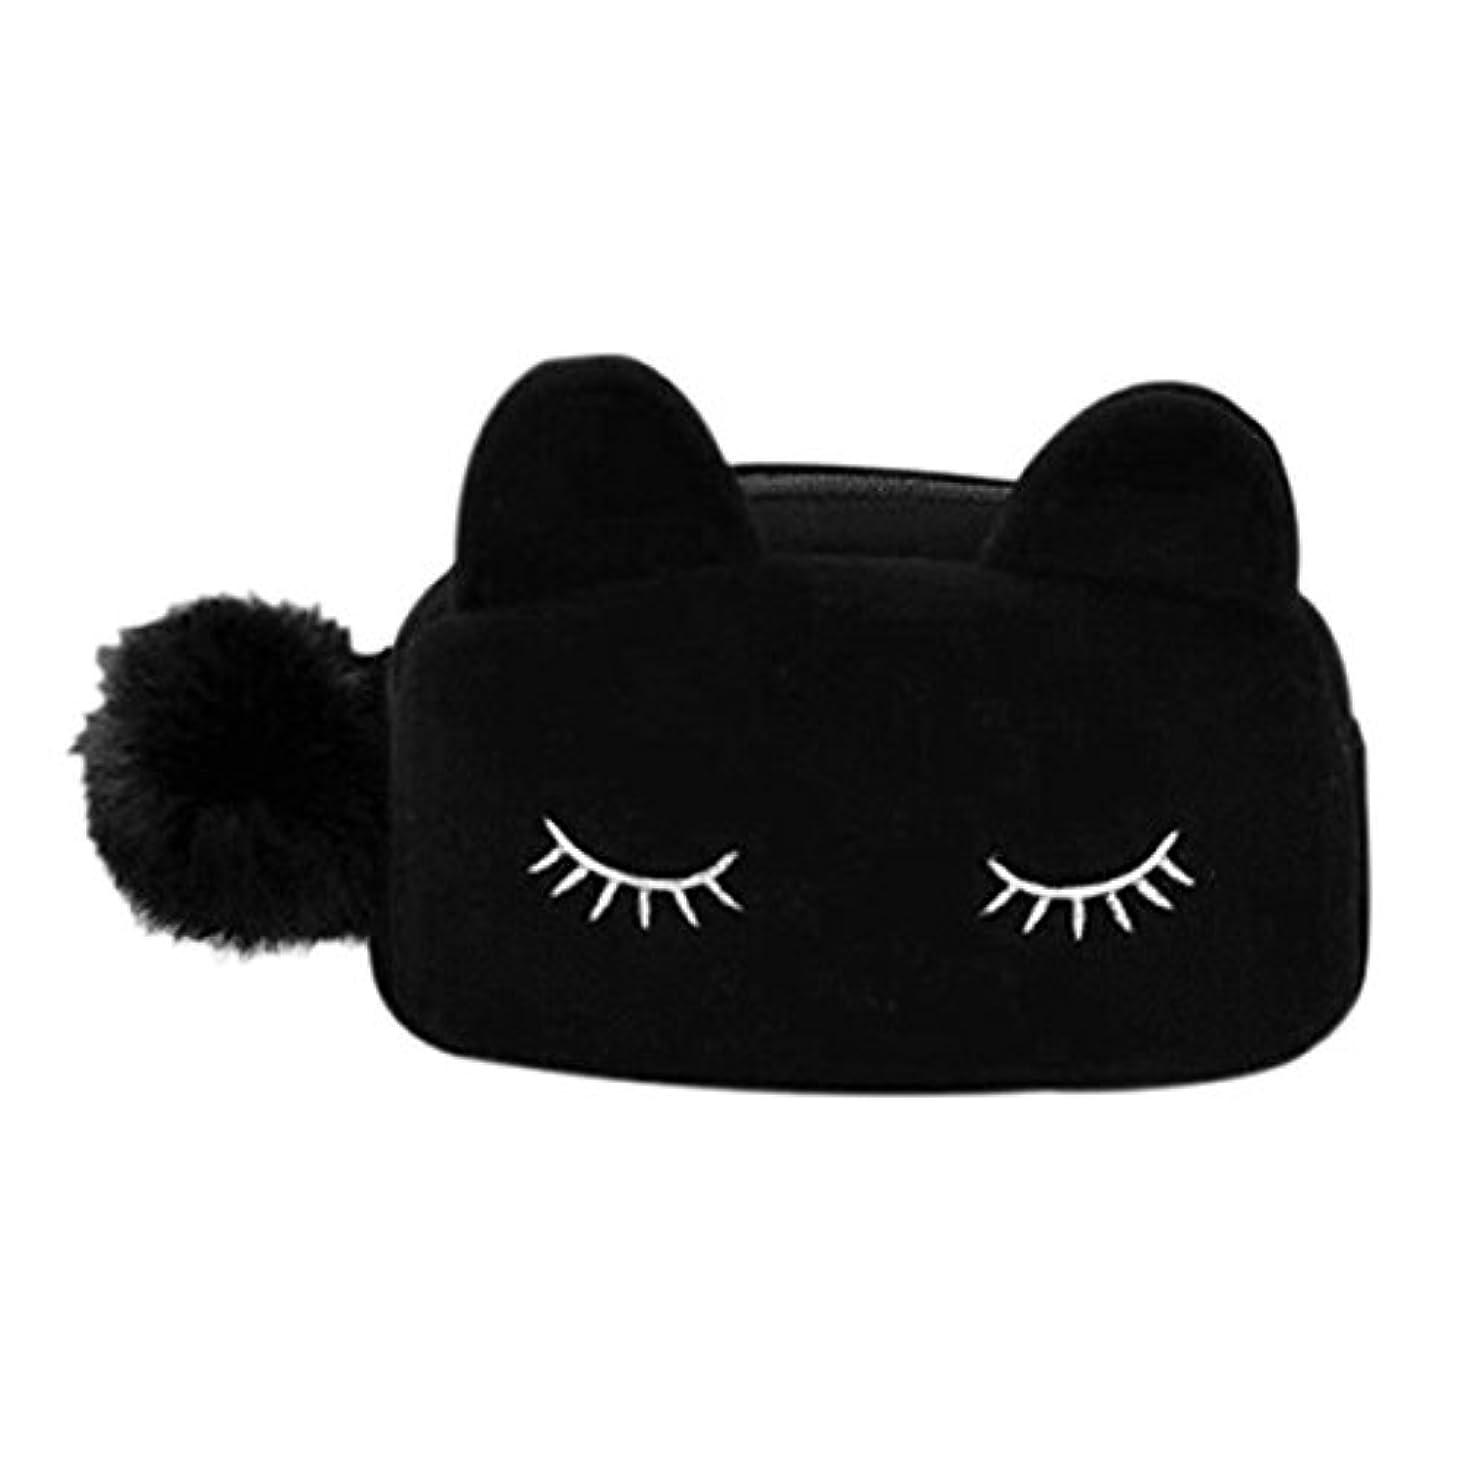 やりがいのあるマニアック旋律的猫 化粧ポーチ バニティベロア ポンポン付き ブラック